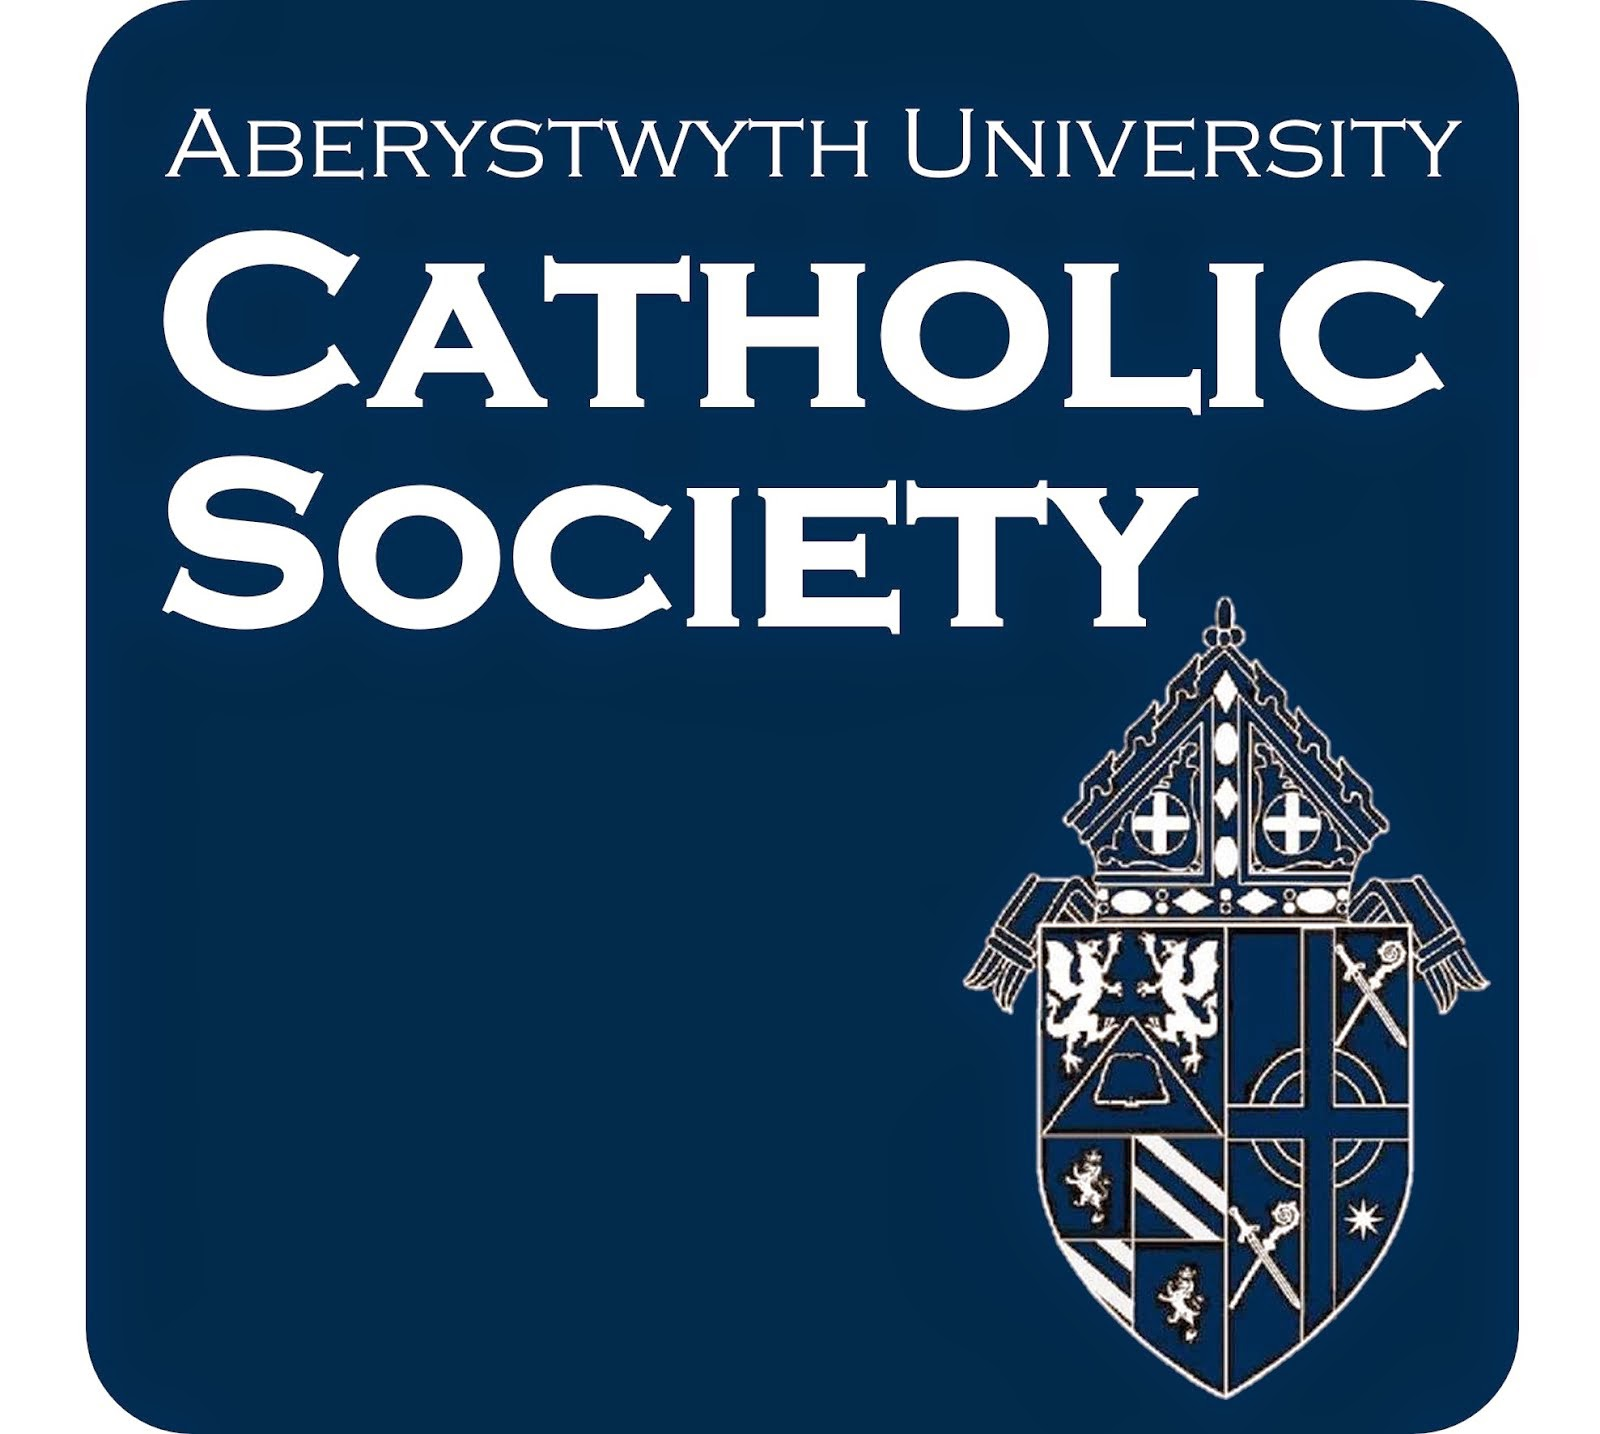 Aberystwyth University Catholic Society